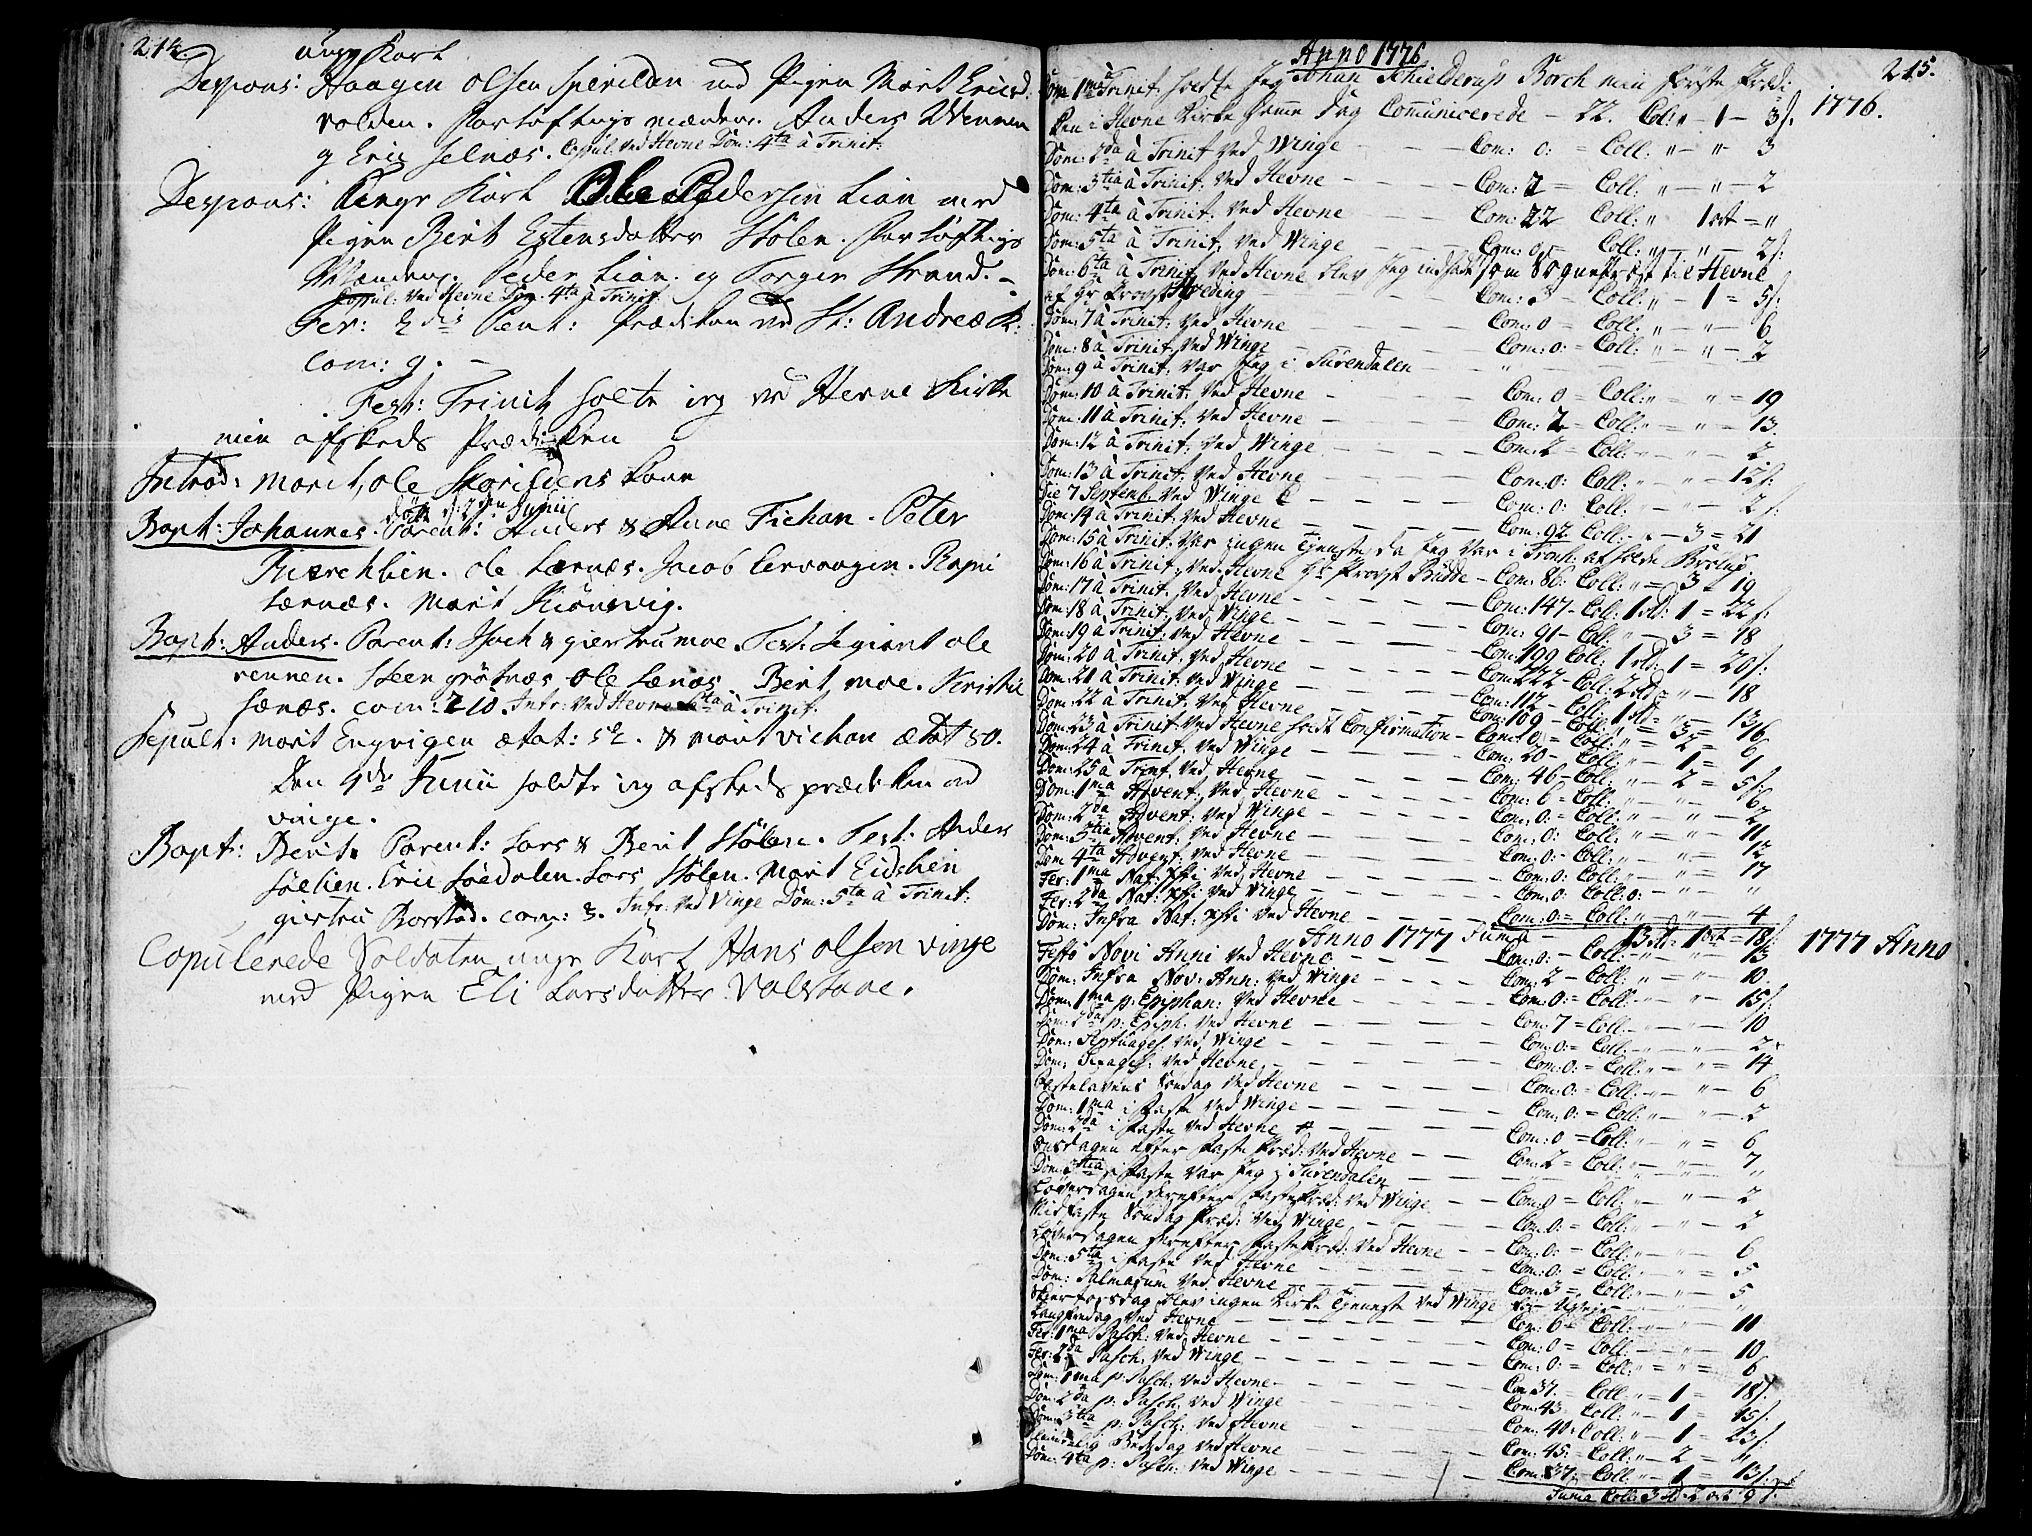 SAT, Ministerialprotokoller, klokkerbøker og fødselsregistre - Sør-Trøndelag, 630/L0489: Ministerialbok nr. 630A02, 1757-1794, s. 214-215